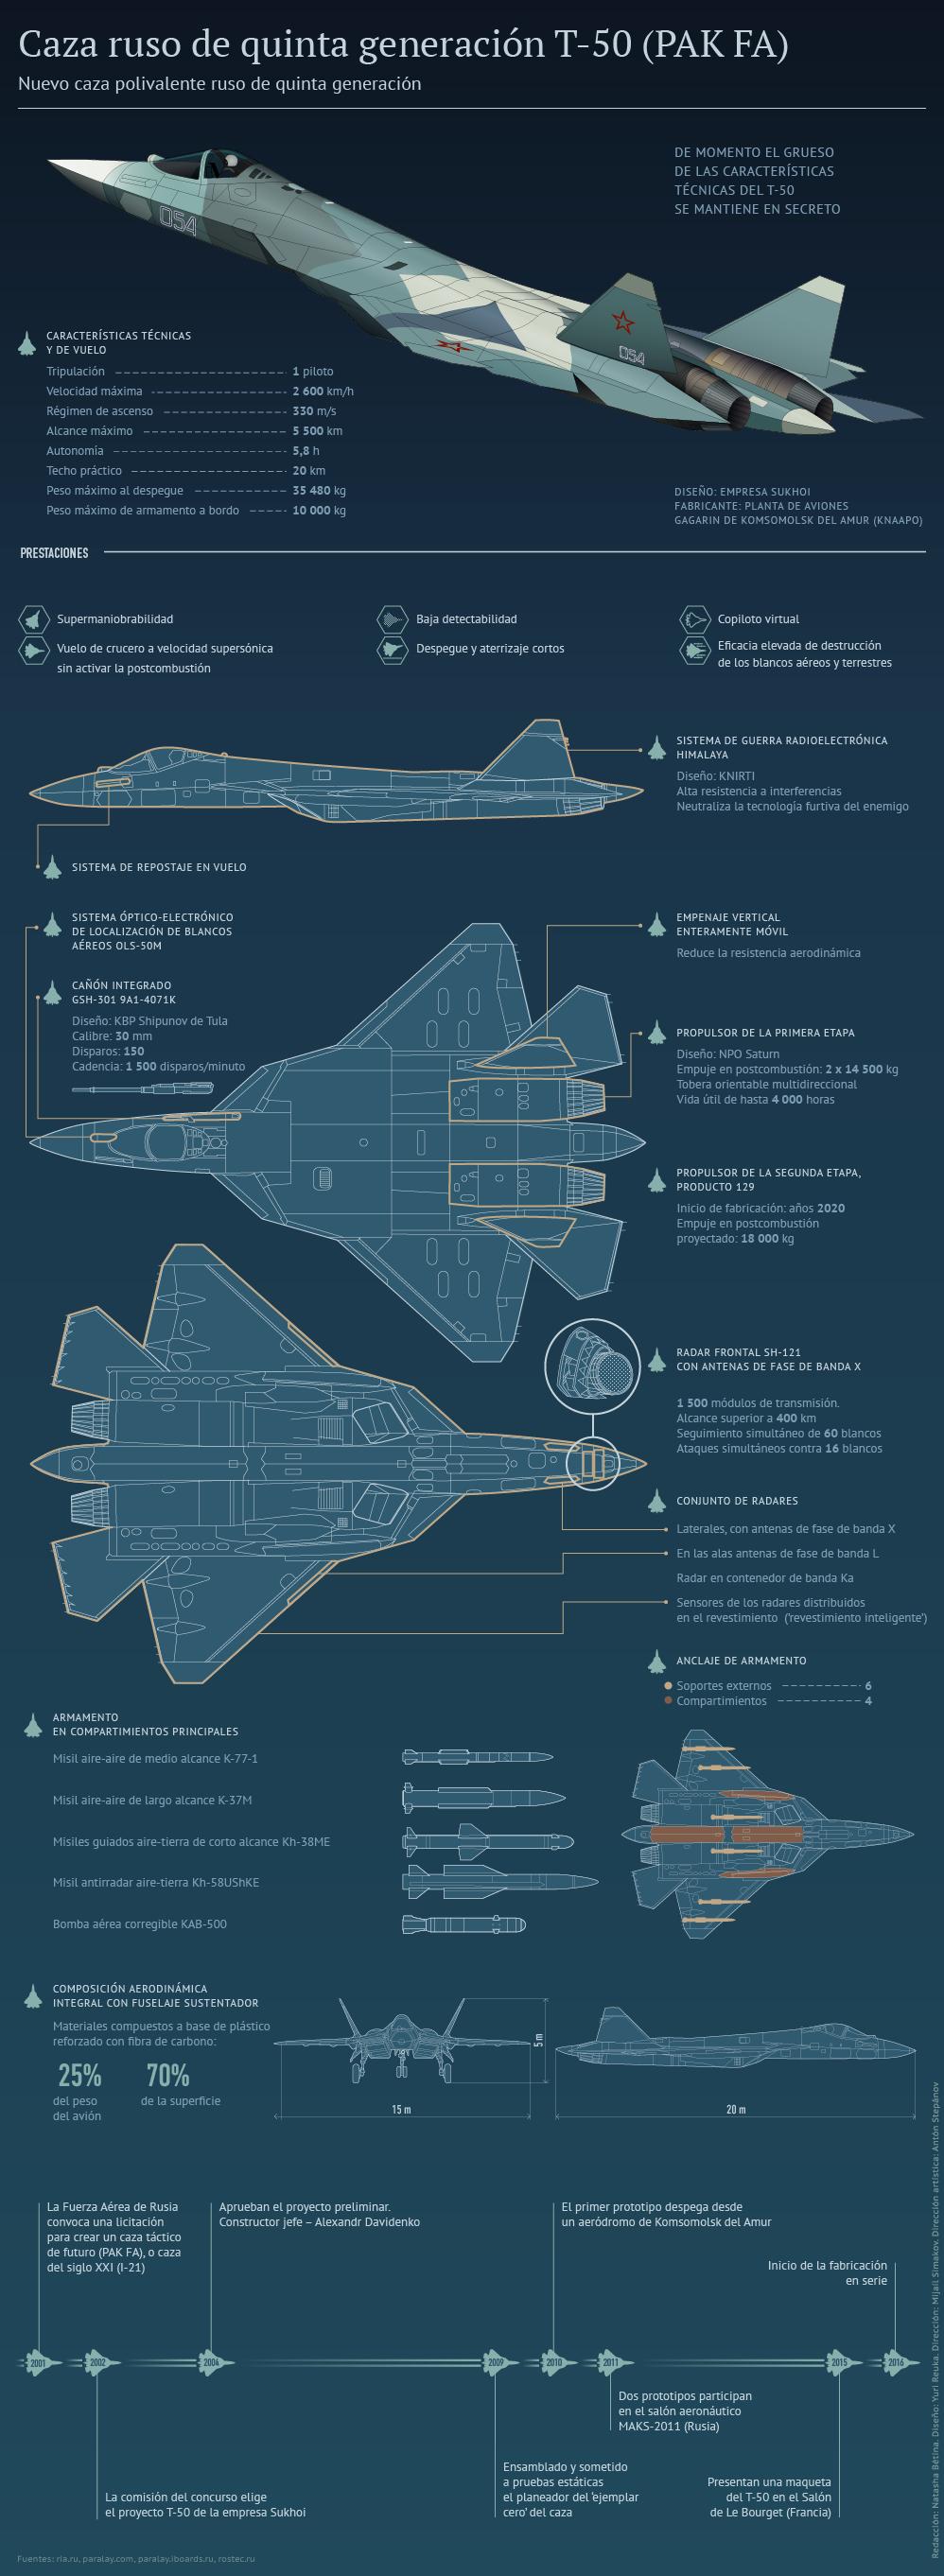 El T-50, caza ruso de quinta generación - Sputnik Mundo